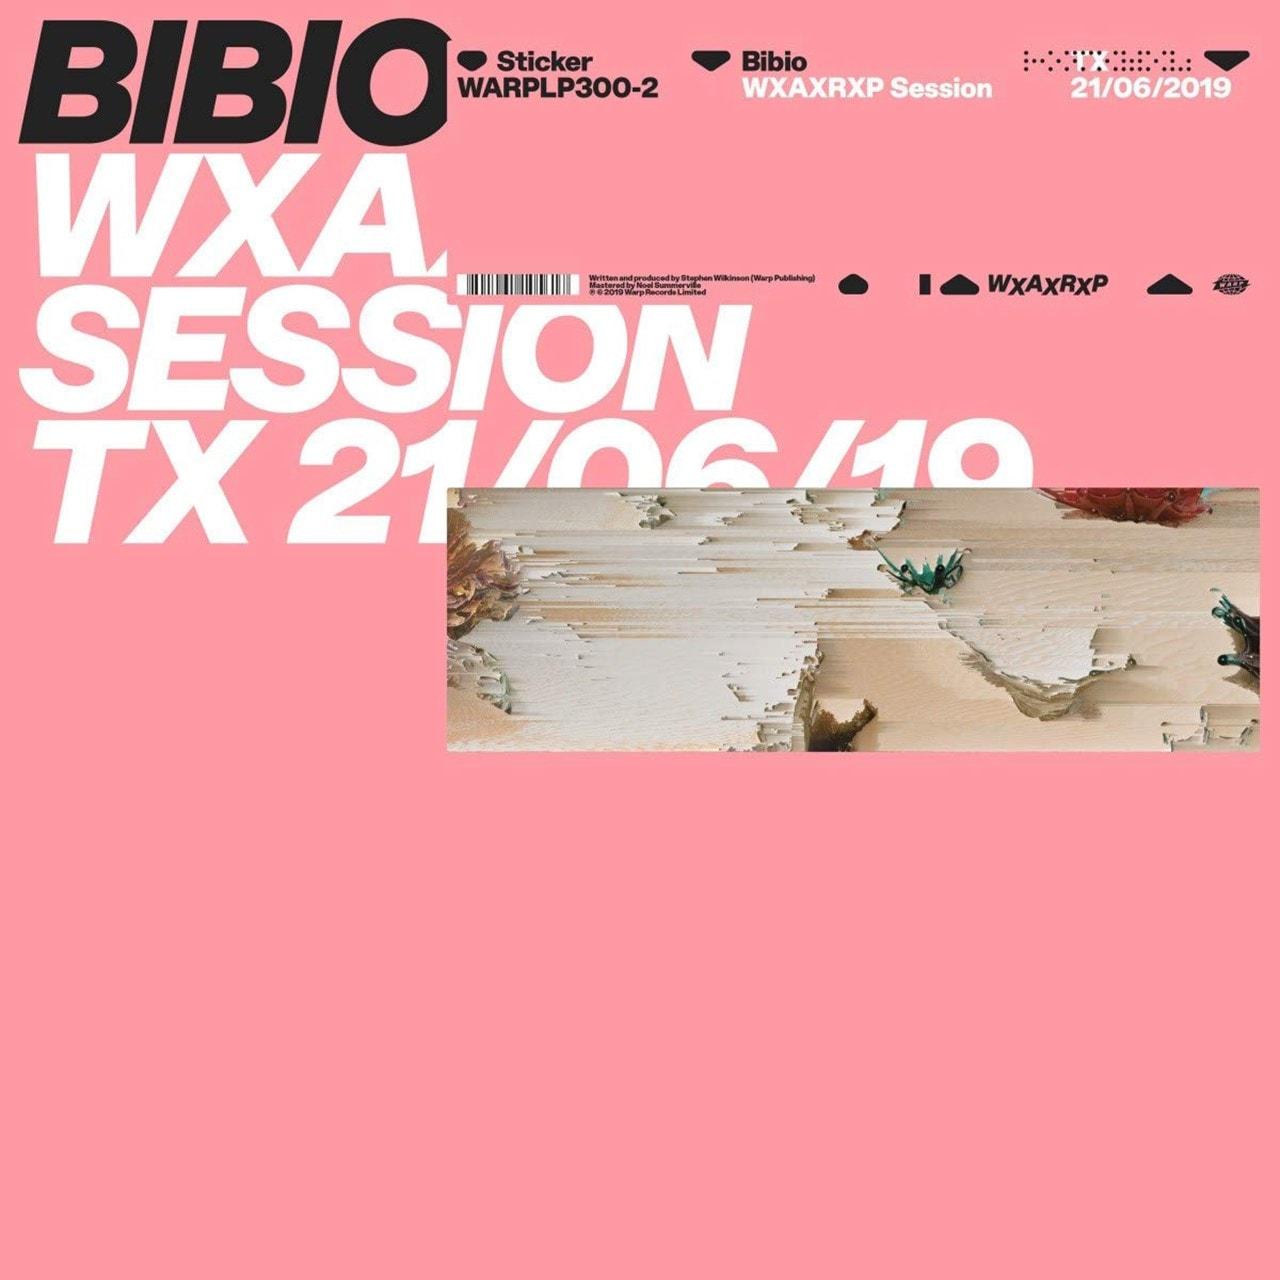 WXAXRXP Session - 1